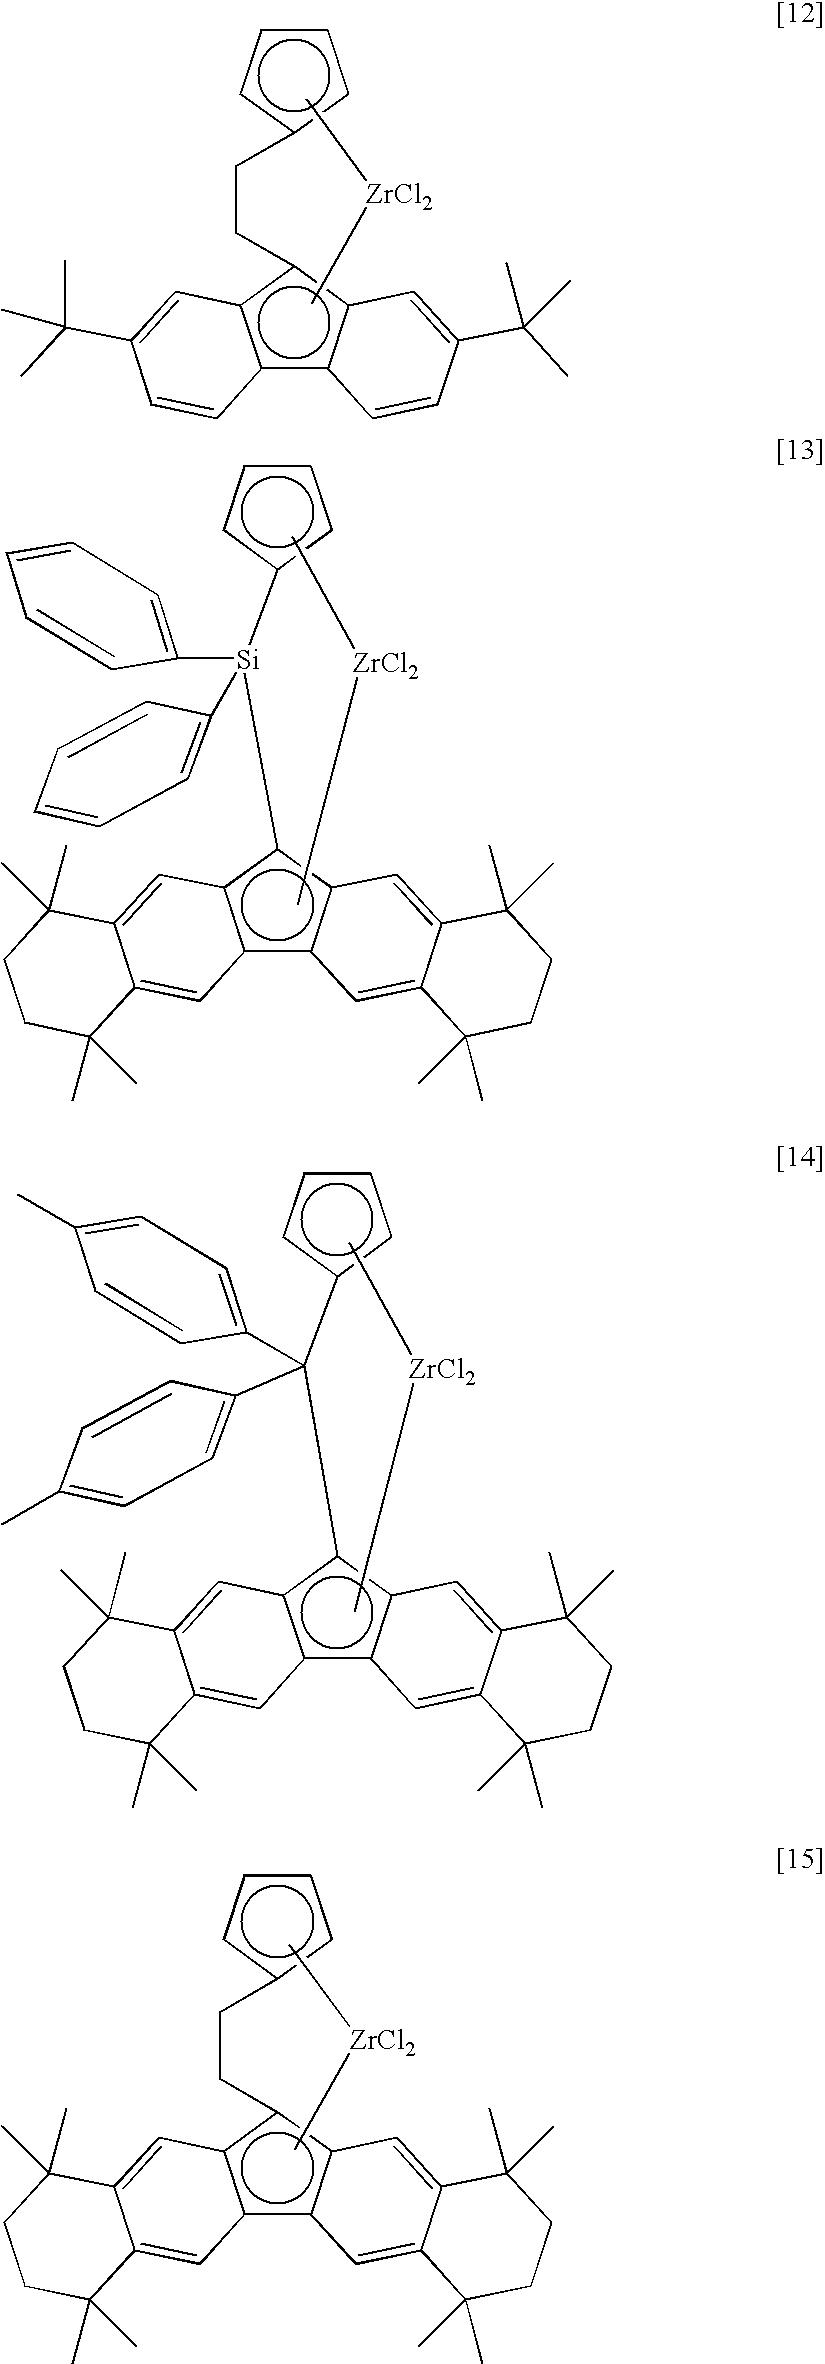 Figure US20060116303A1-20060601-C00006